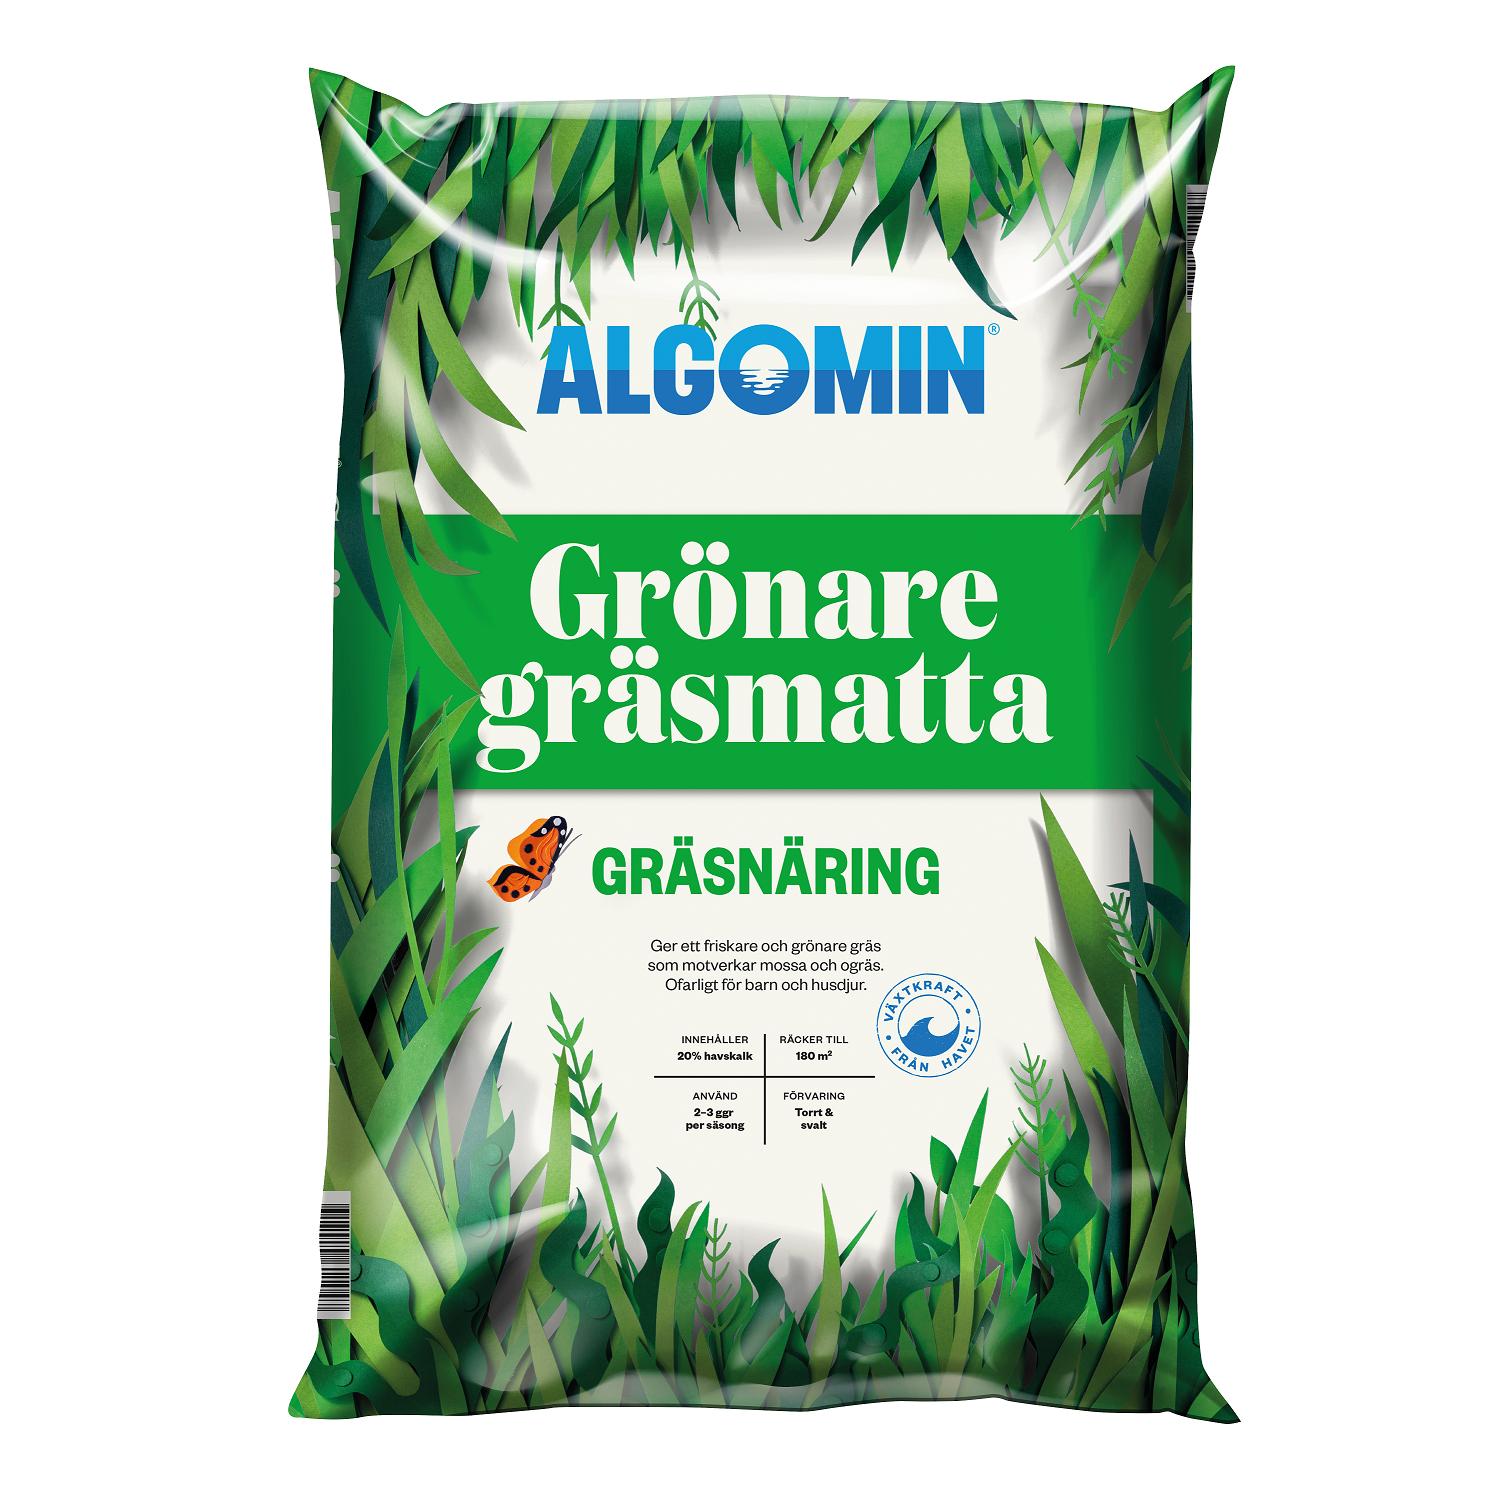 Algomin Gräsnäring 'Grönare Gräsmatta' 8kg